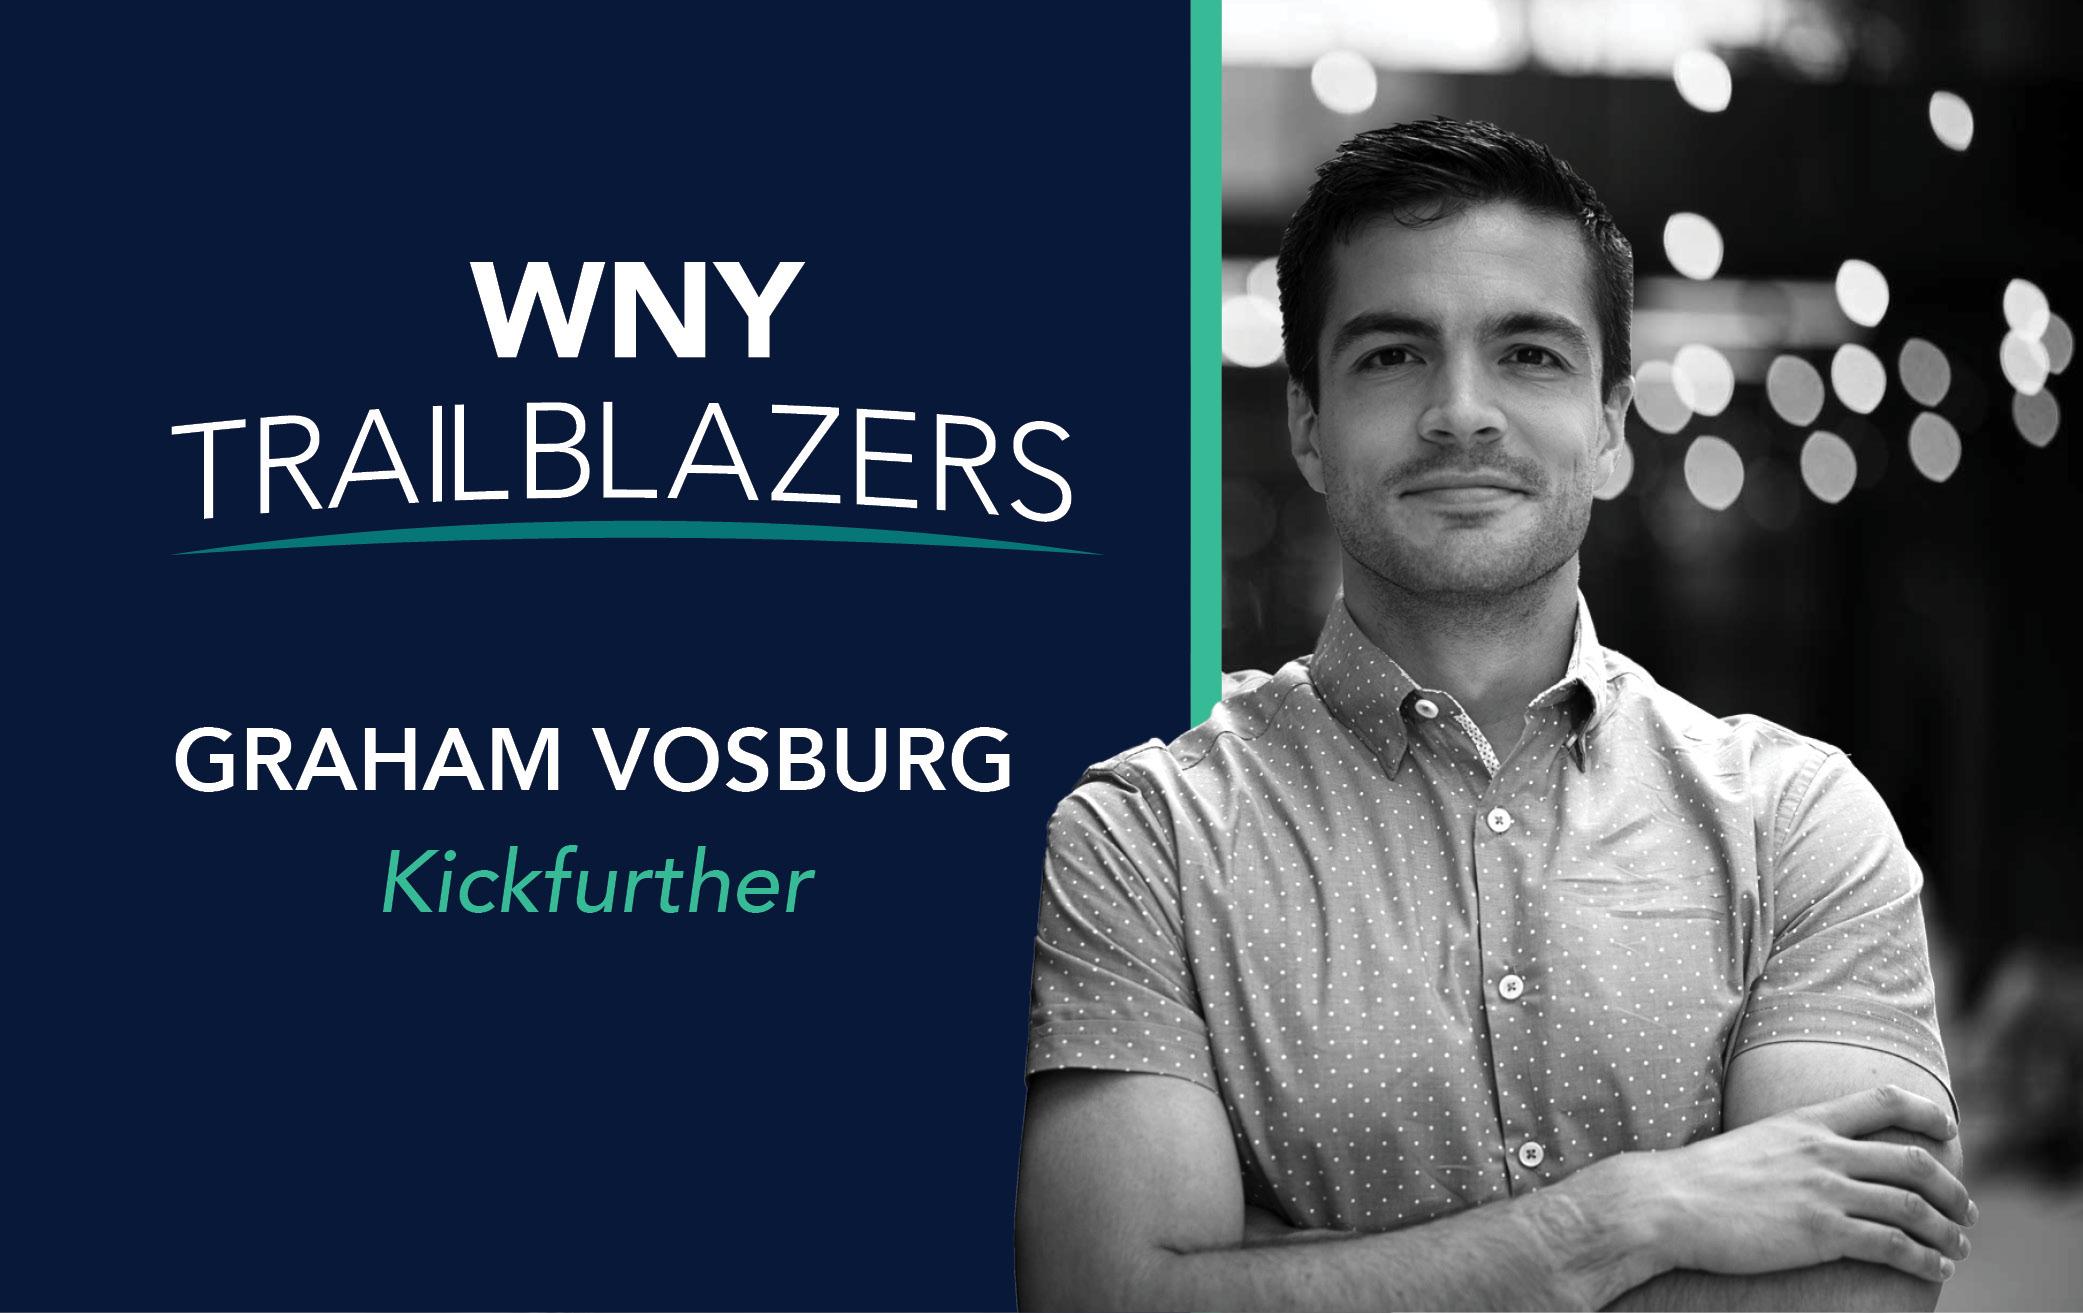 Western New York Trailblazer: Graham Vosburg, Kickfurther